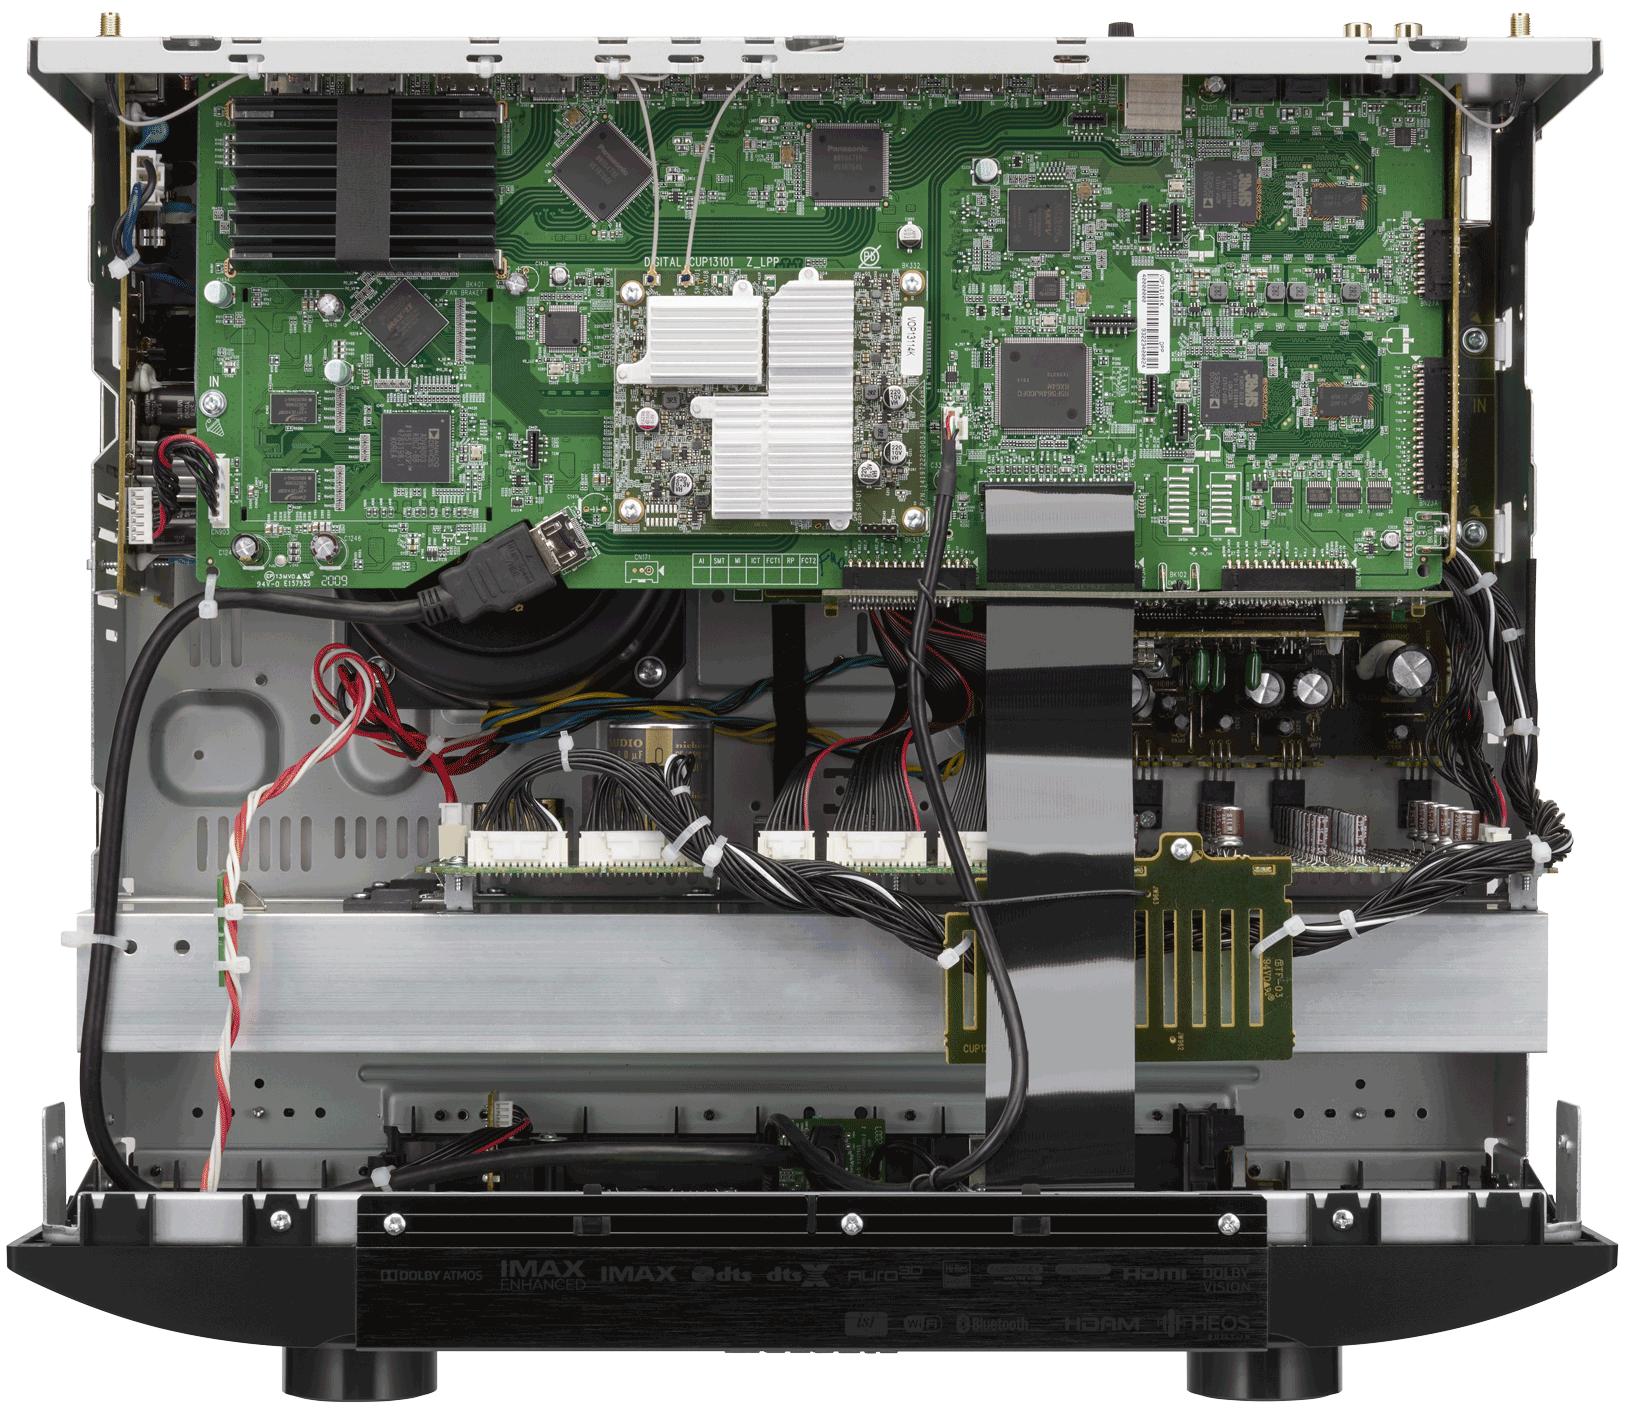 Marantz AV7706 11.2Ch 8K Ultra HD Atmos Network AV Preamplifier Marantz_AV7706_Full-Internal-Image-1626w